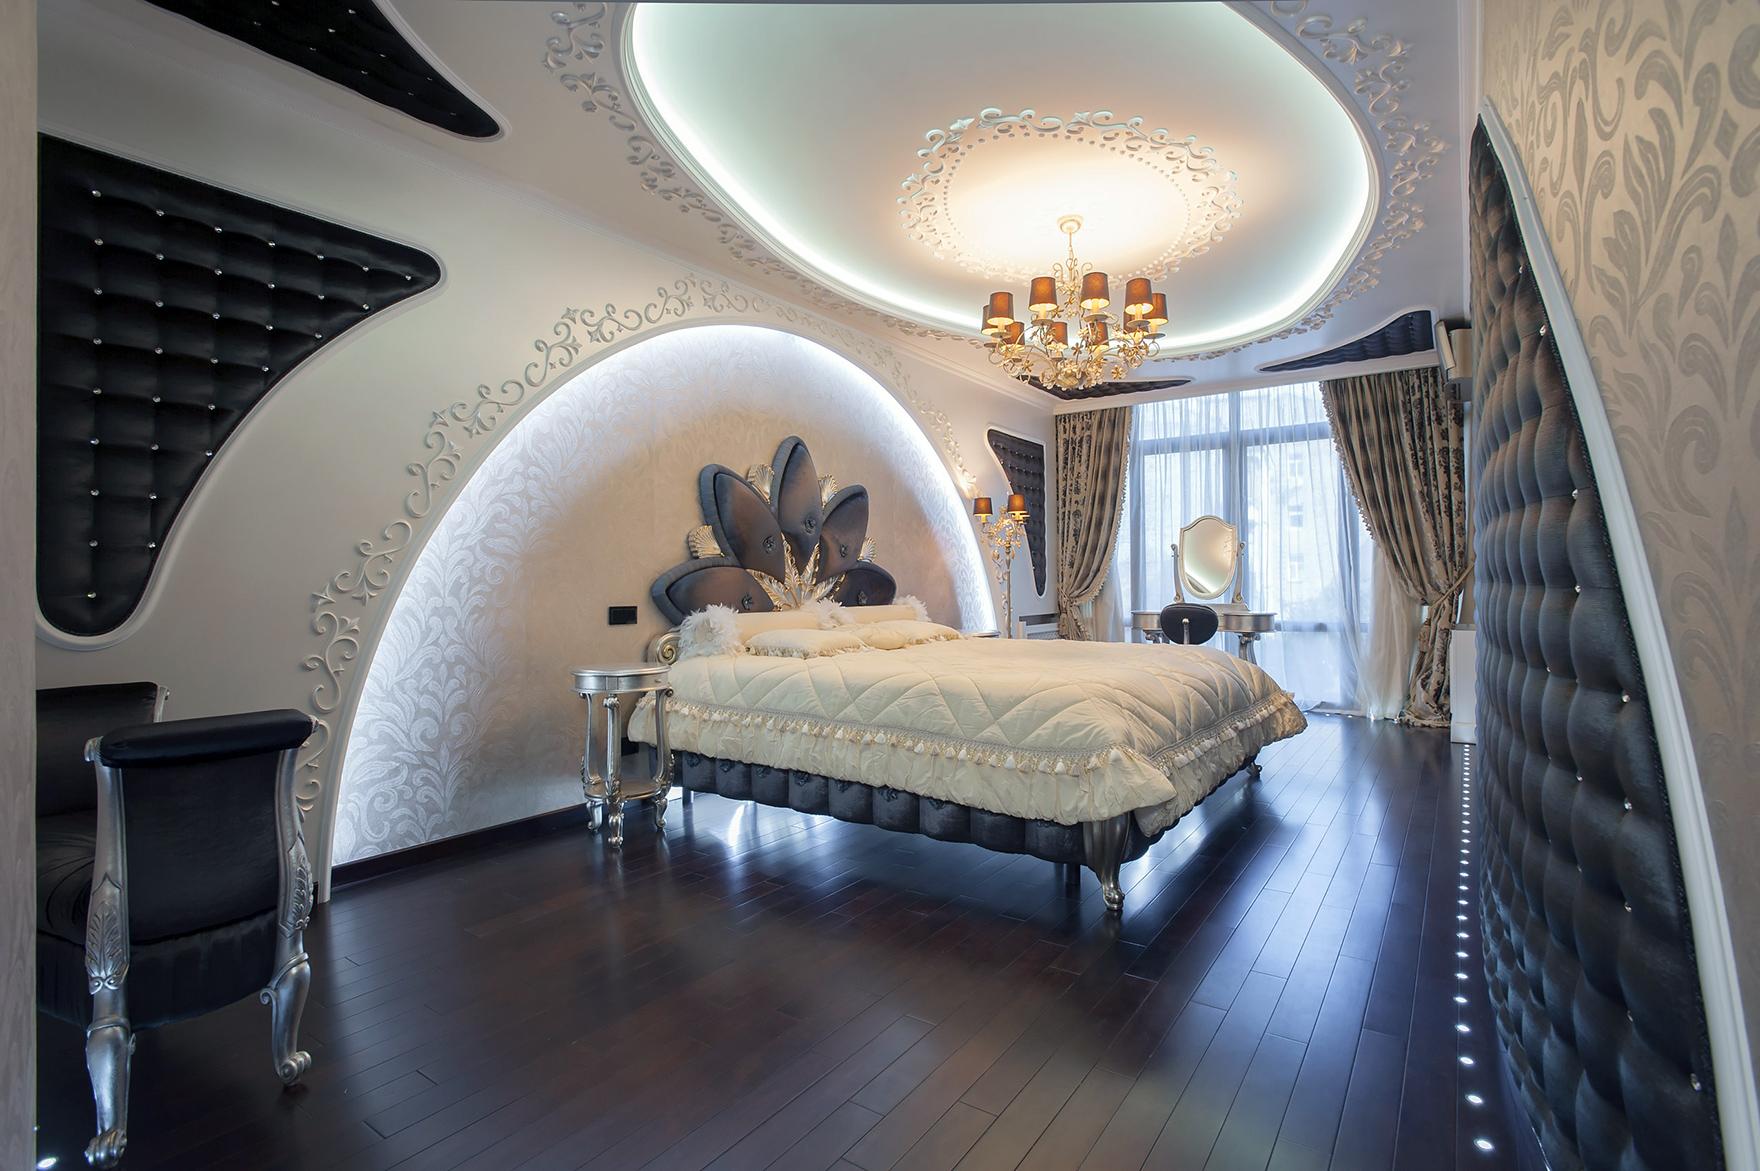 фотографии квартир с необычным ремонтом озвучка корры